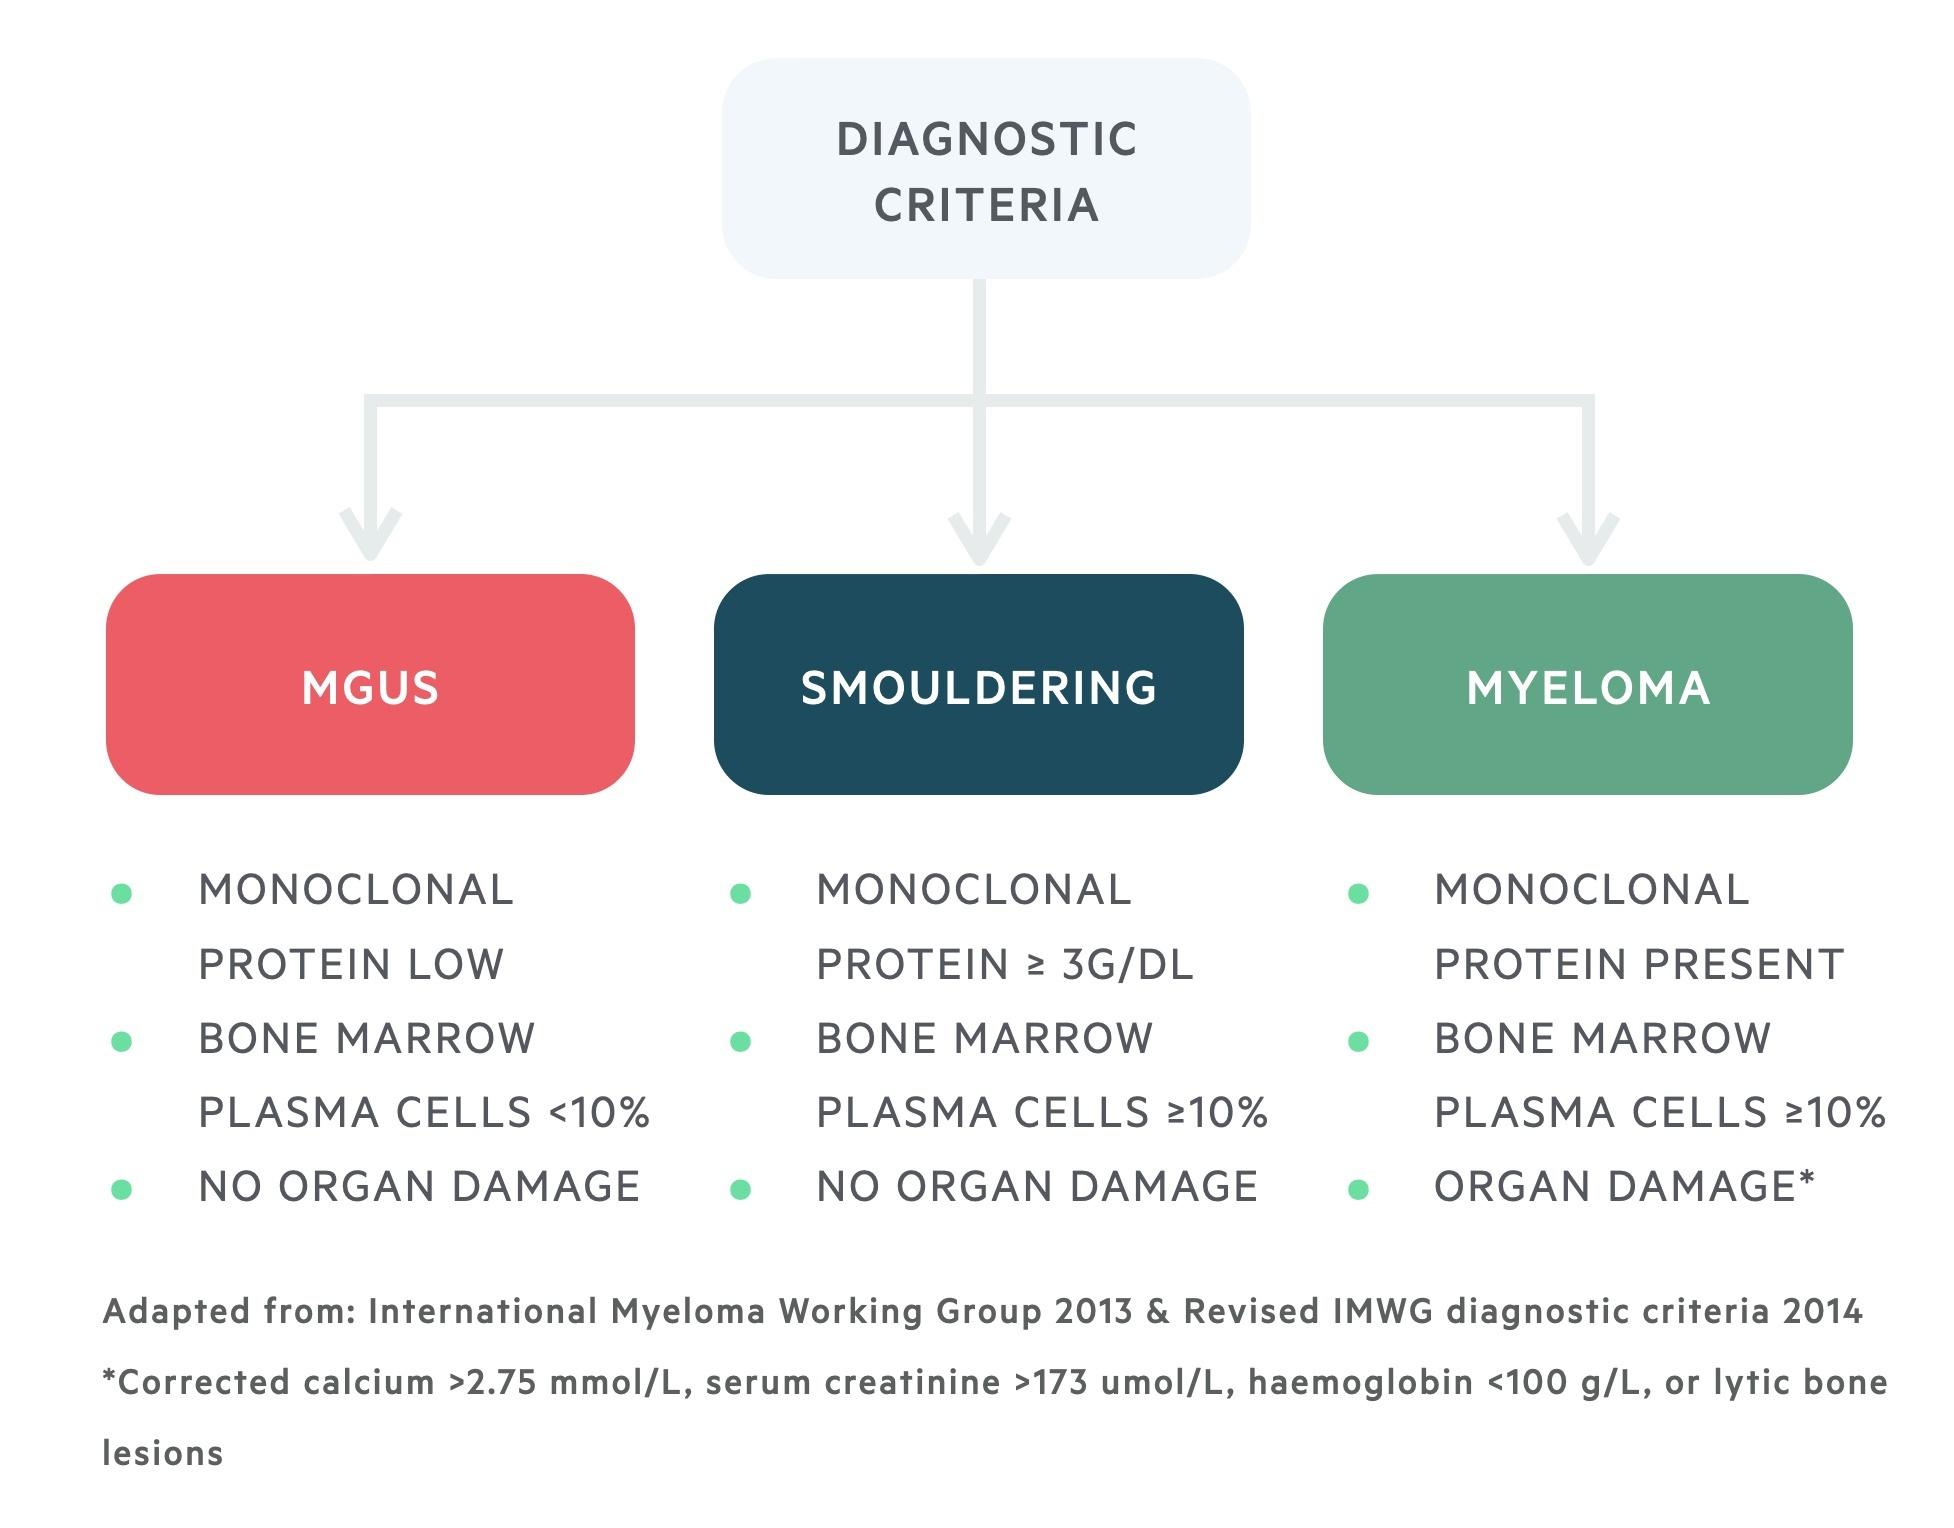 Diagnostic criteria for myeloma